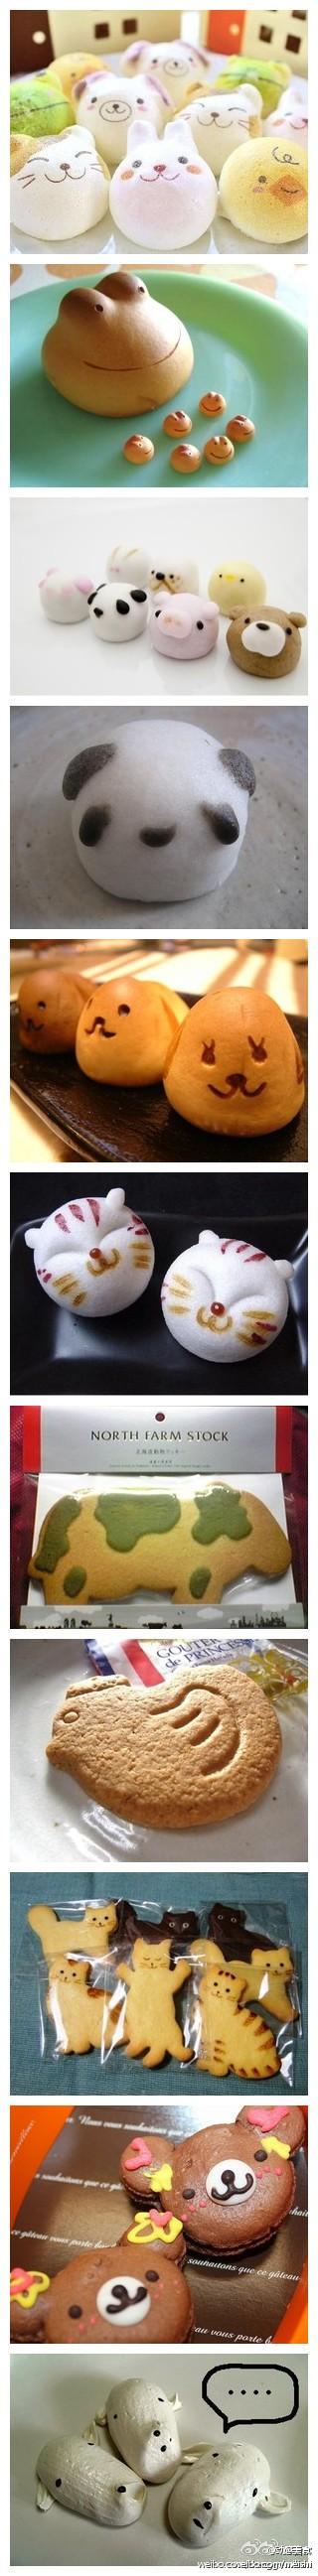 各种动物造型点心,真心舍不得吃呢吃货都是有爱的孩纸~!via动感日本